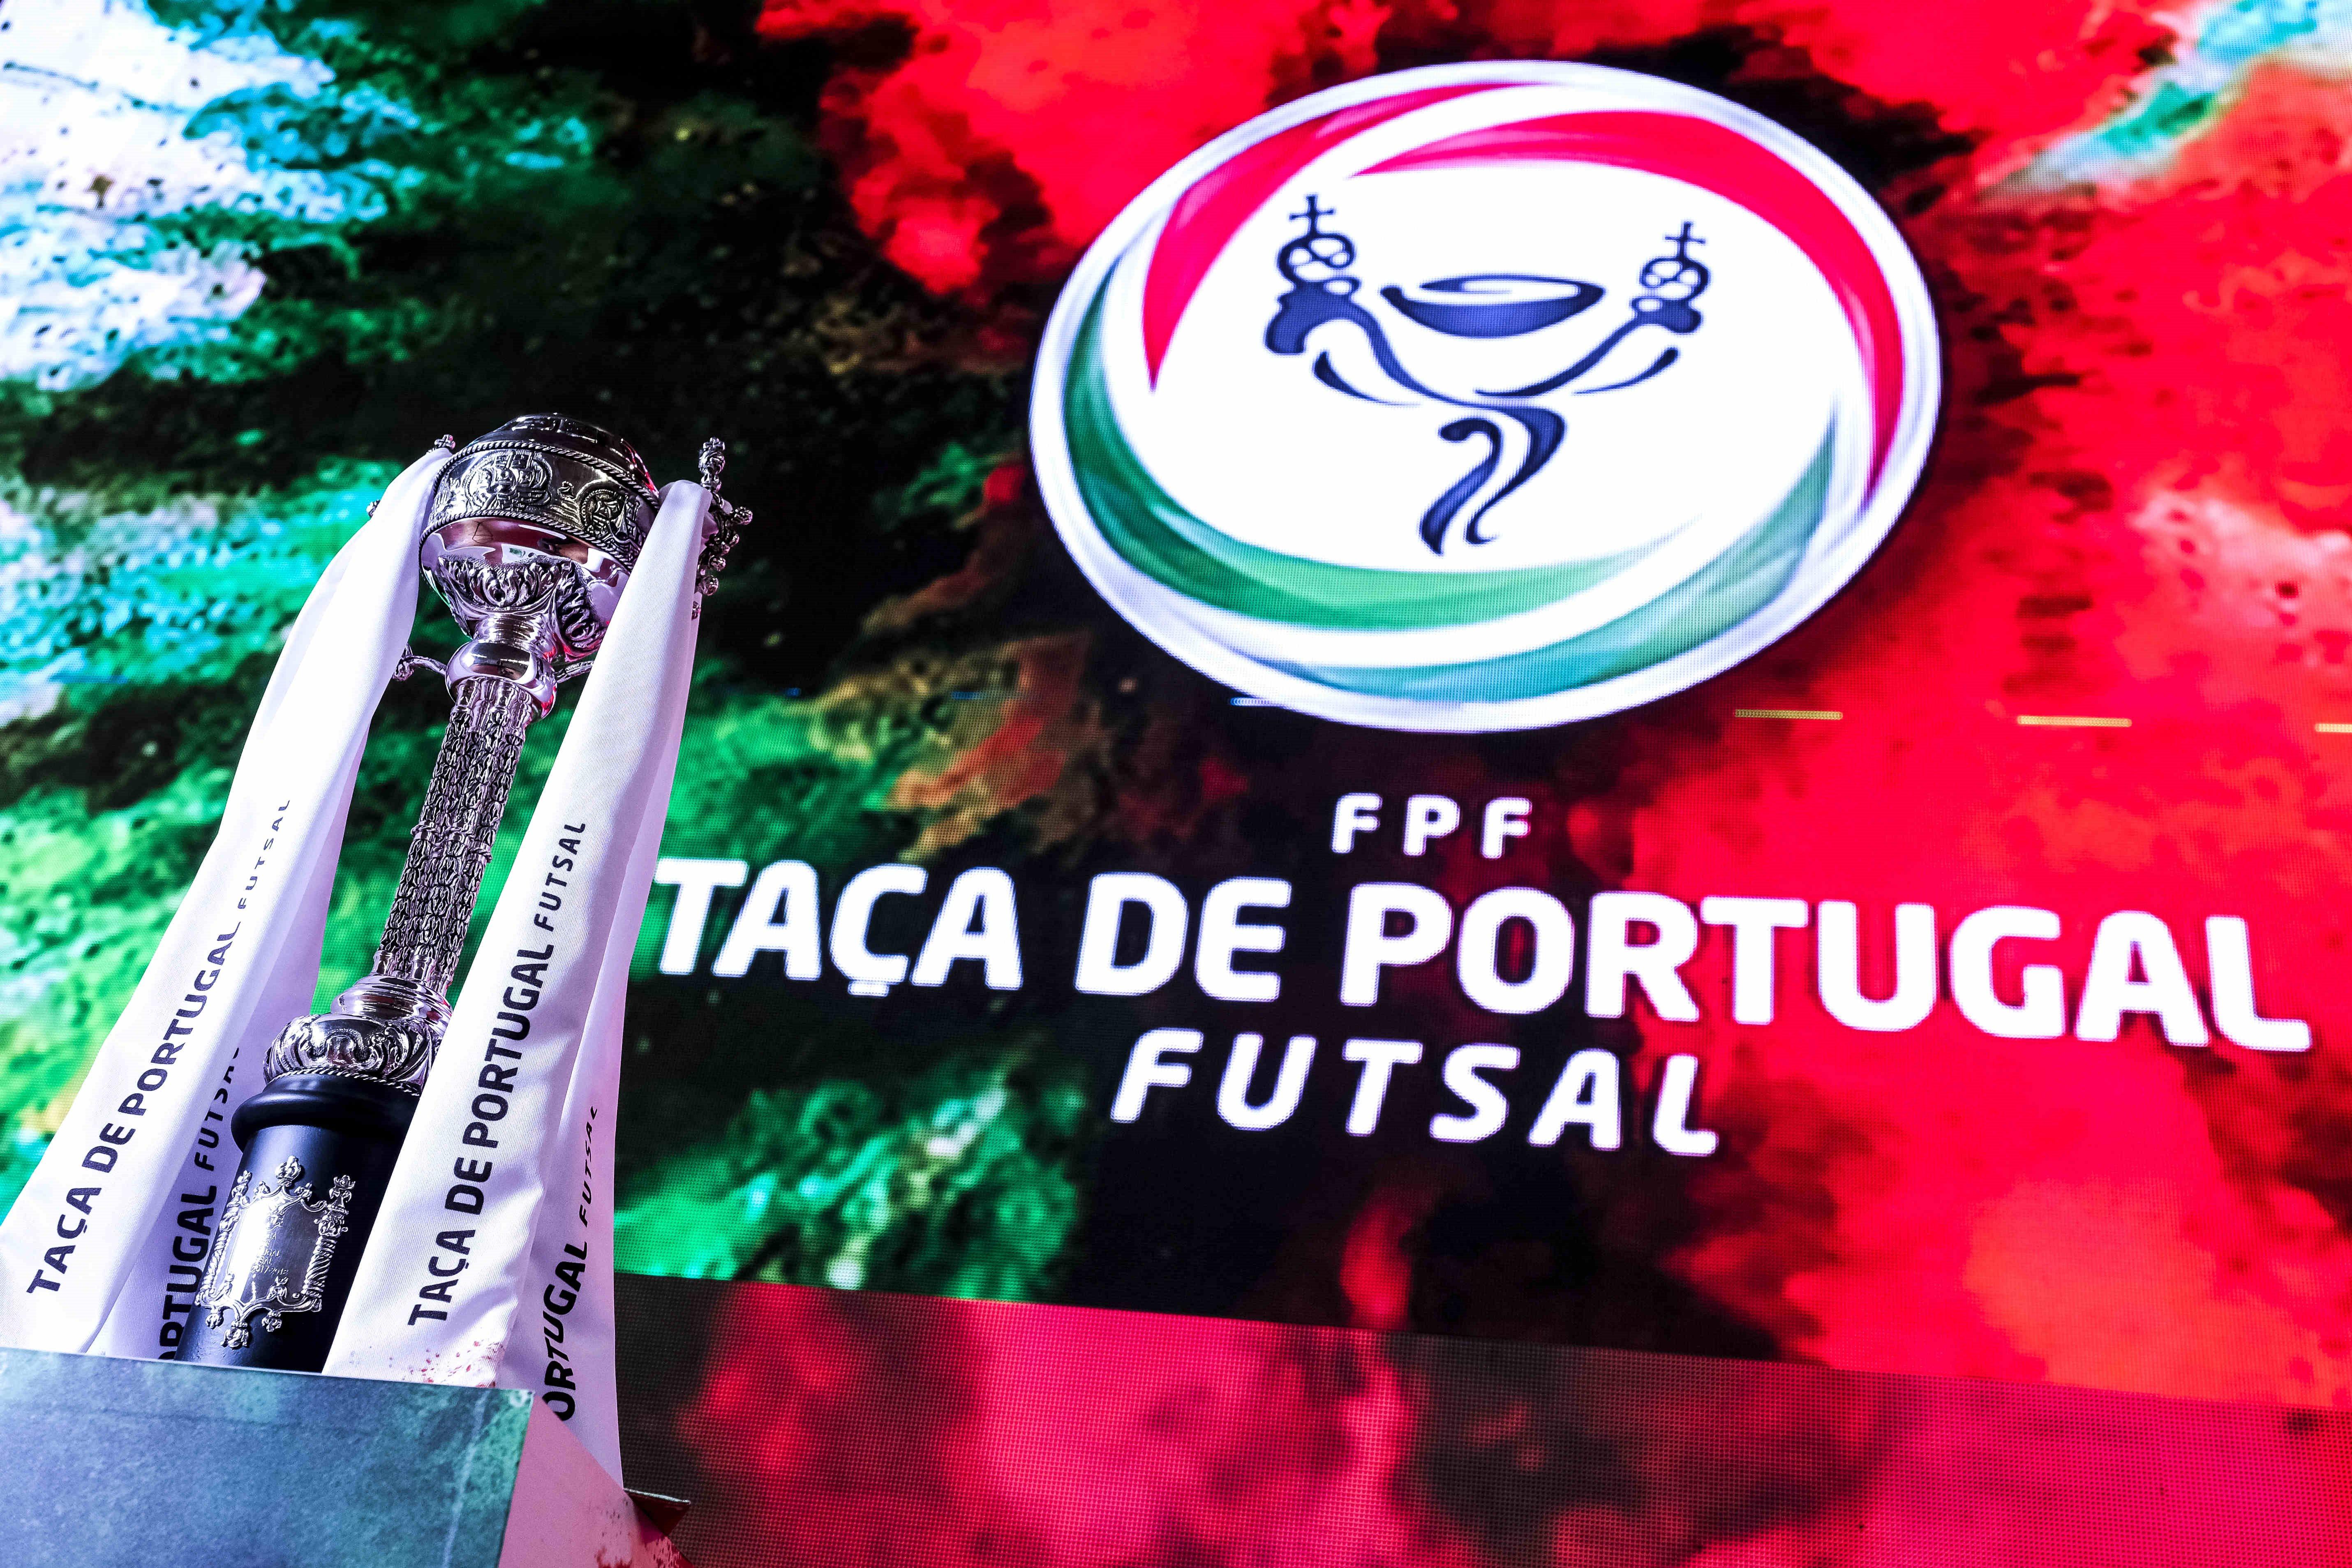 a32479f0b9 Taça de Portugal Futsal - Todas as notícias